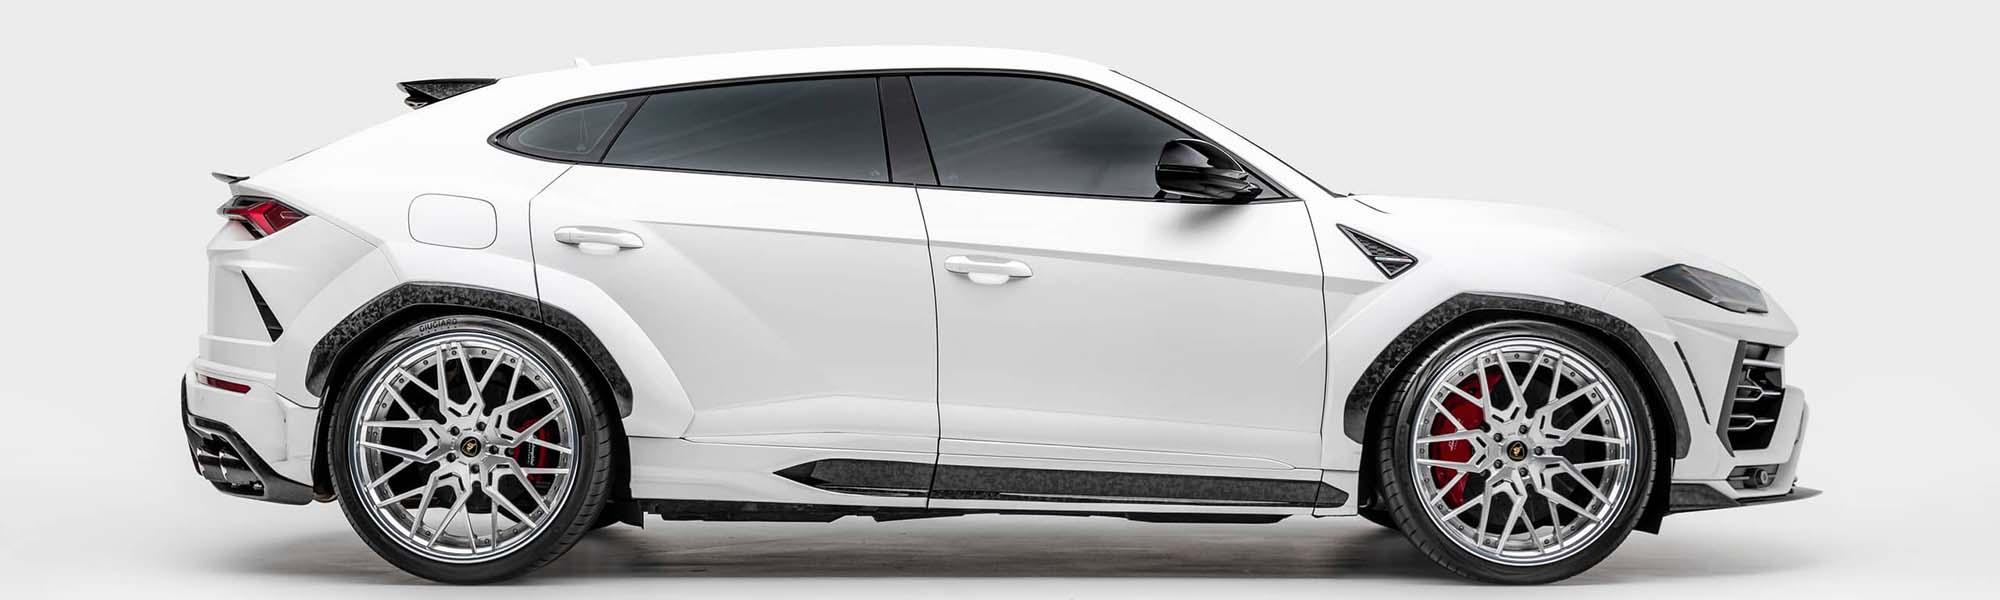 1016 Industries Aero for Luxury Vehicles